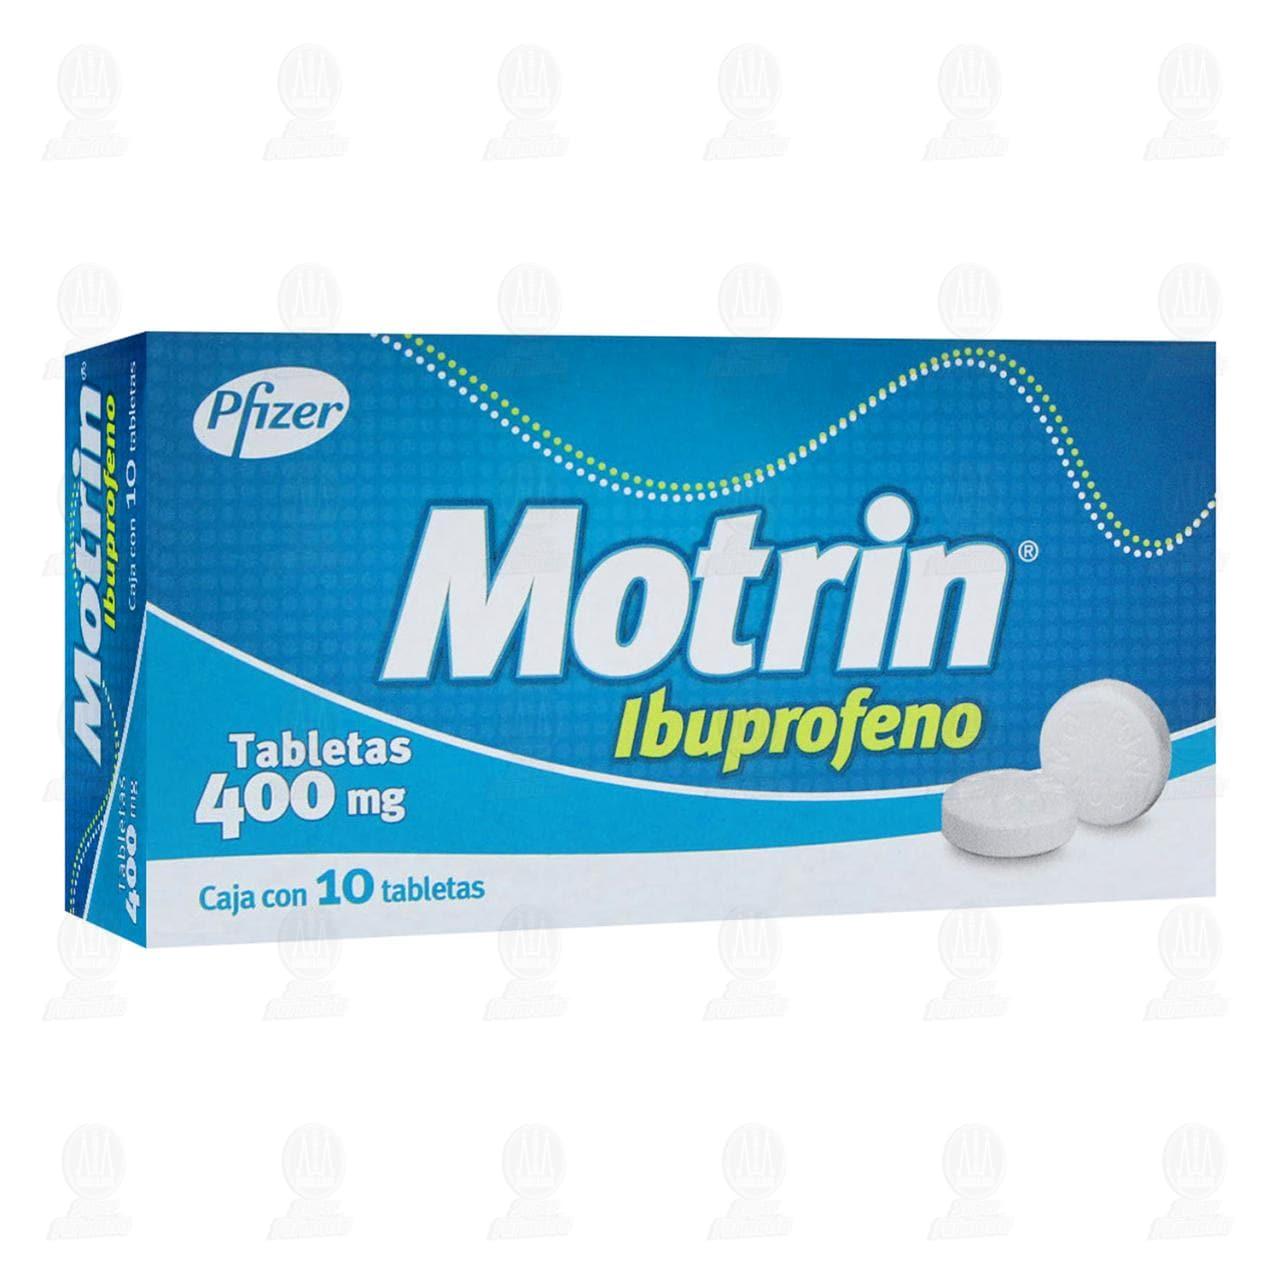 Comprar Motrin 400mg 10 Tabletas en Farmacias Guadalajara